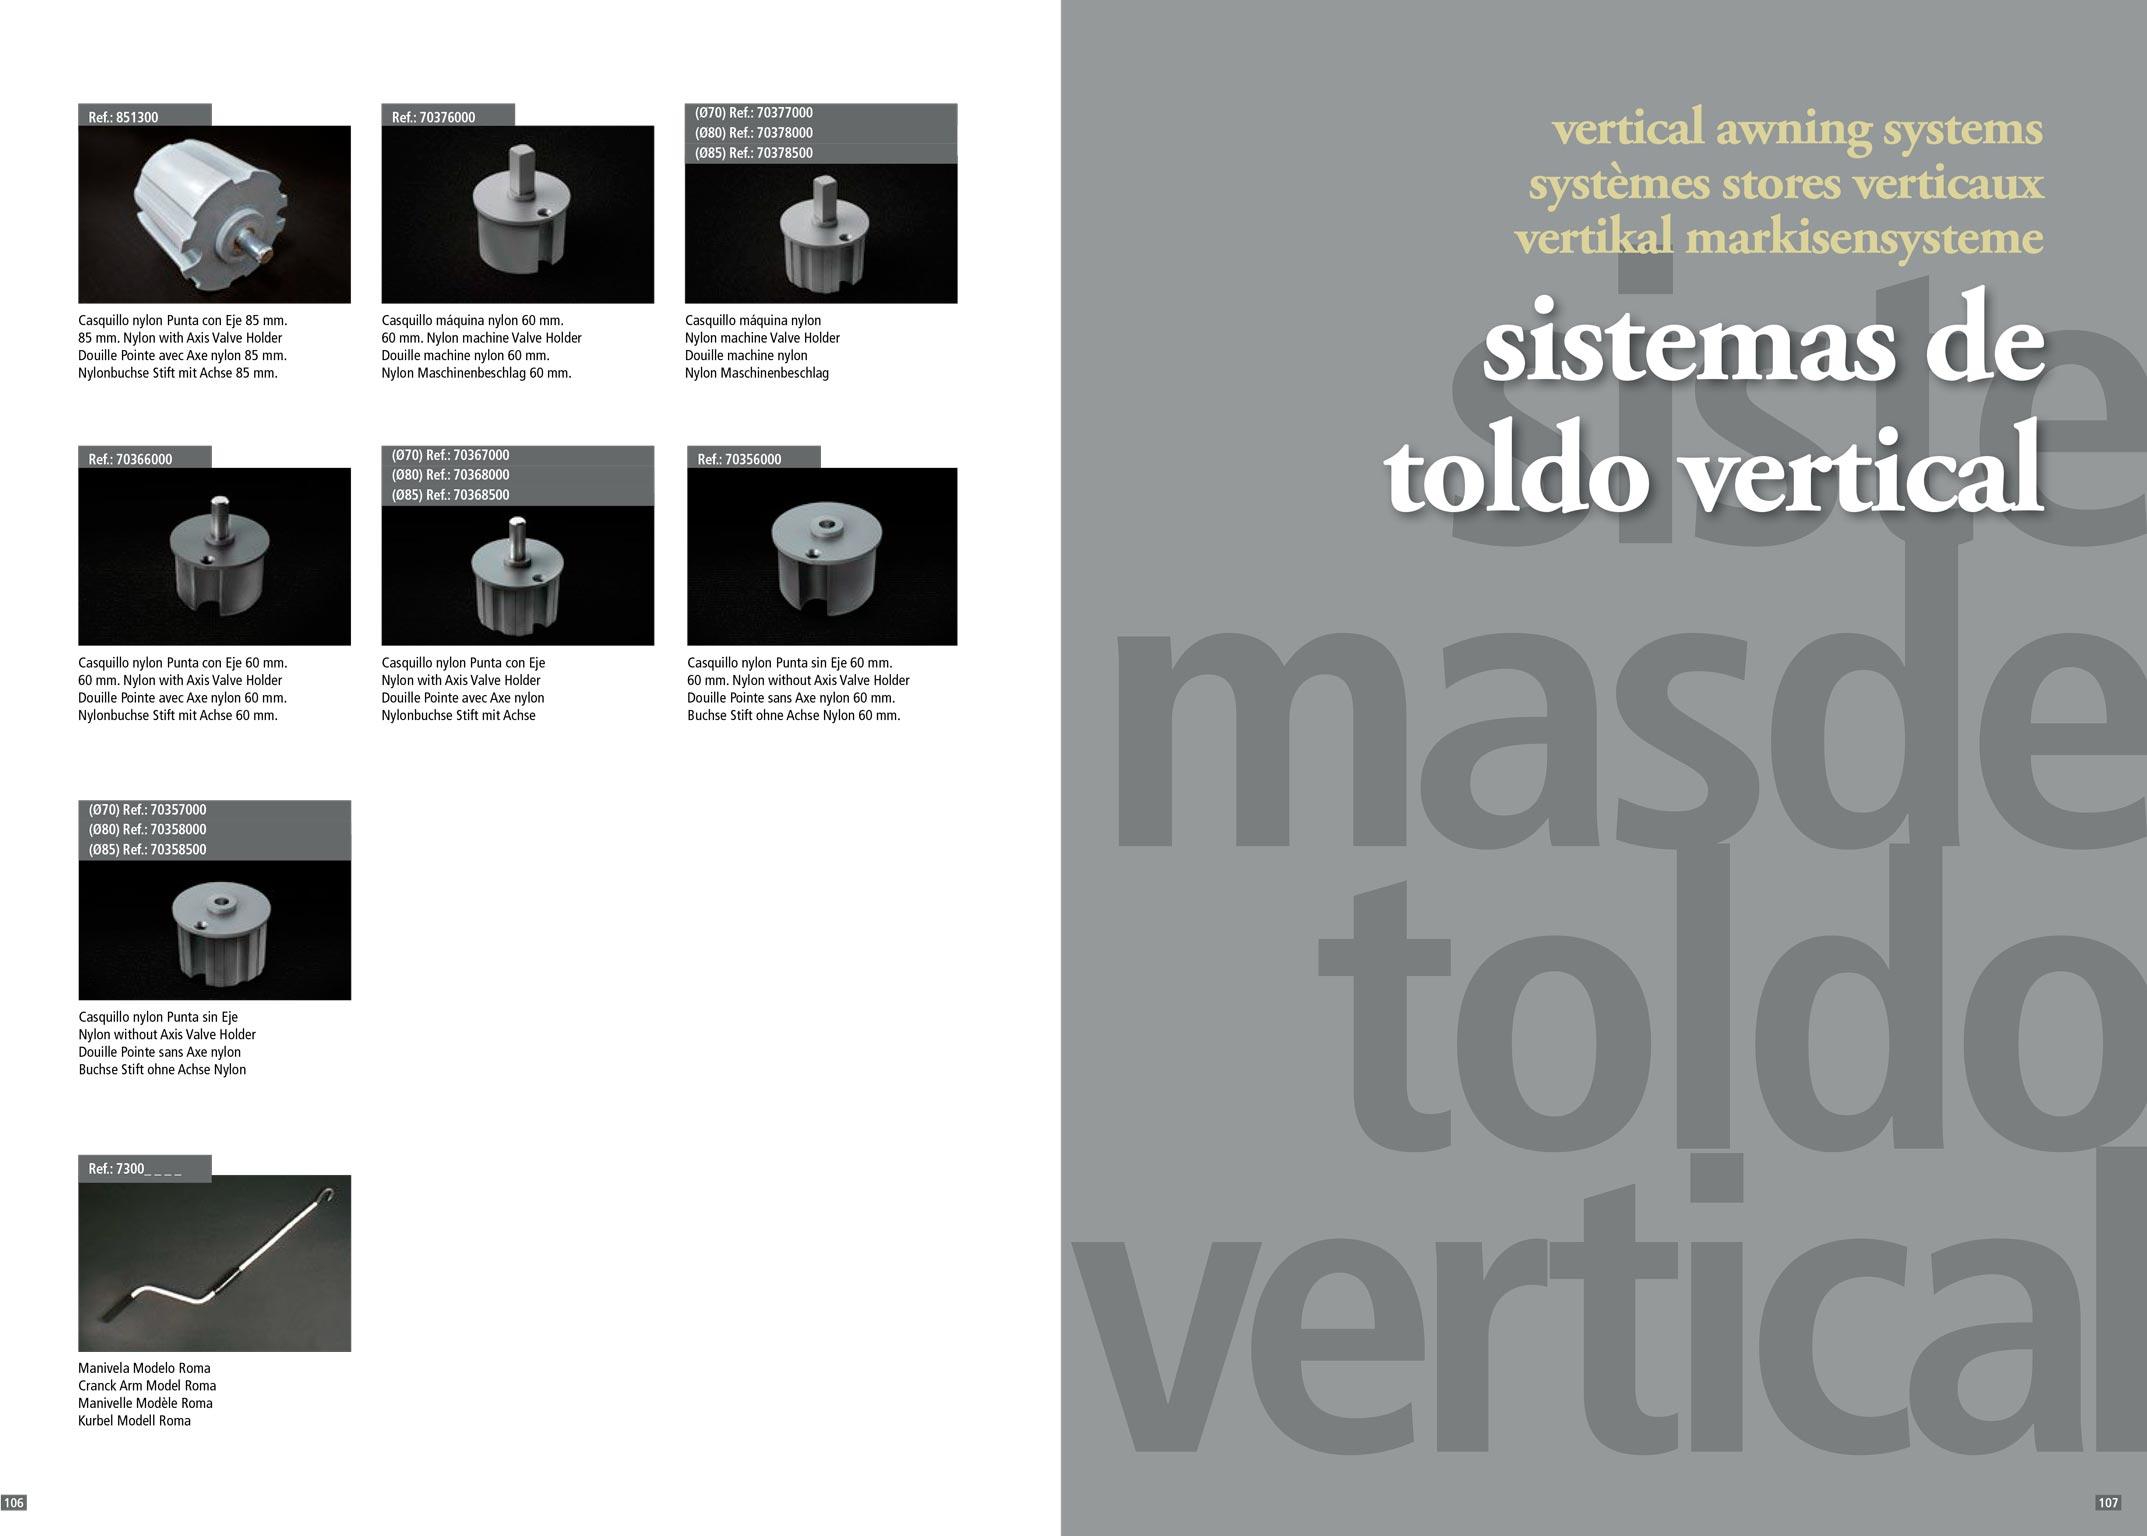 Accesorios para toldos y verticales stadia store for Repuestos y accesorios para toldos